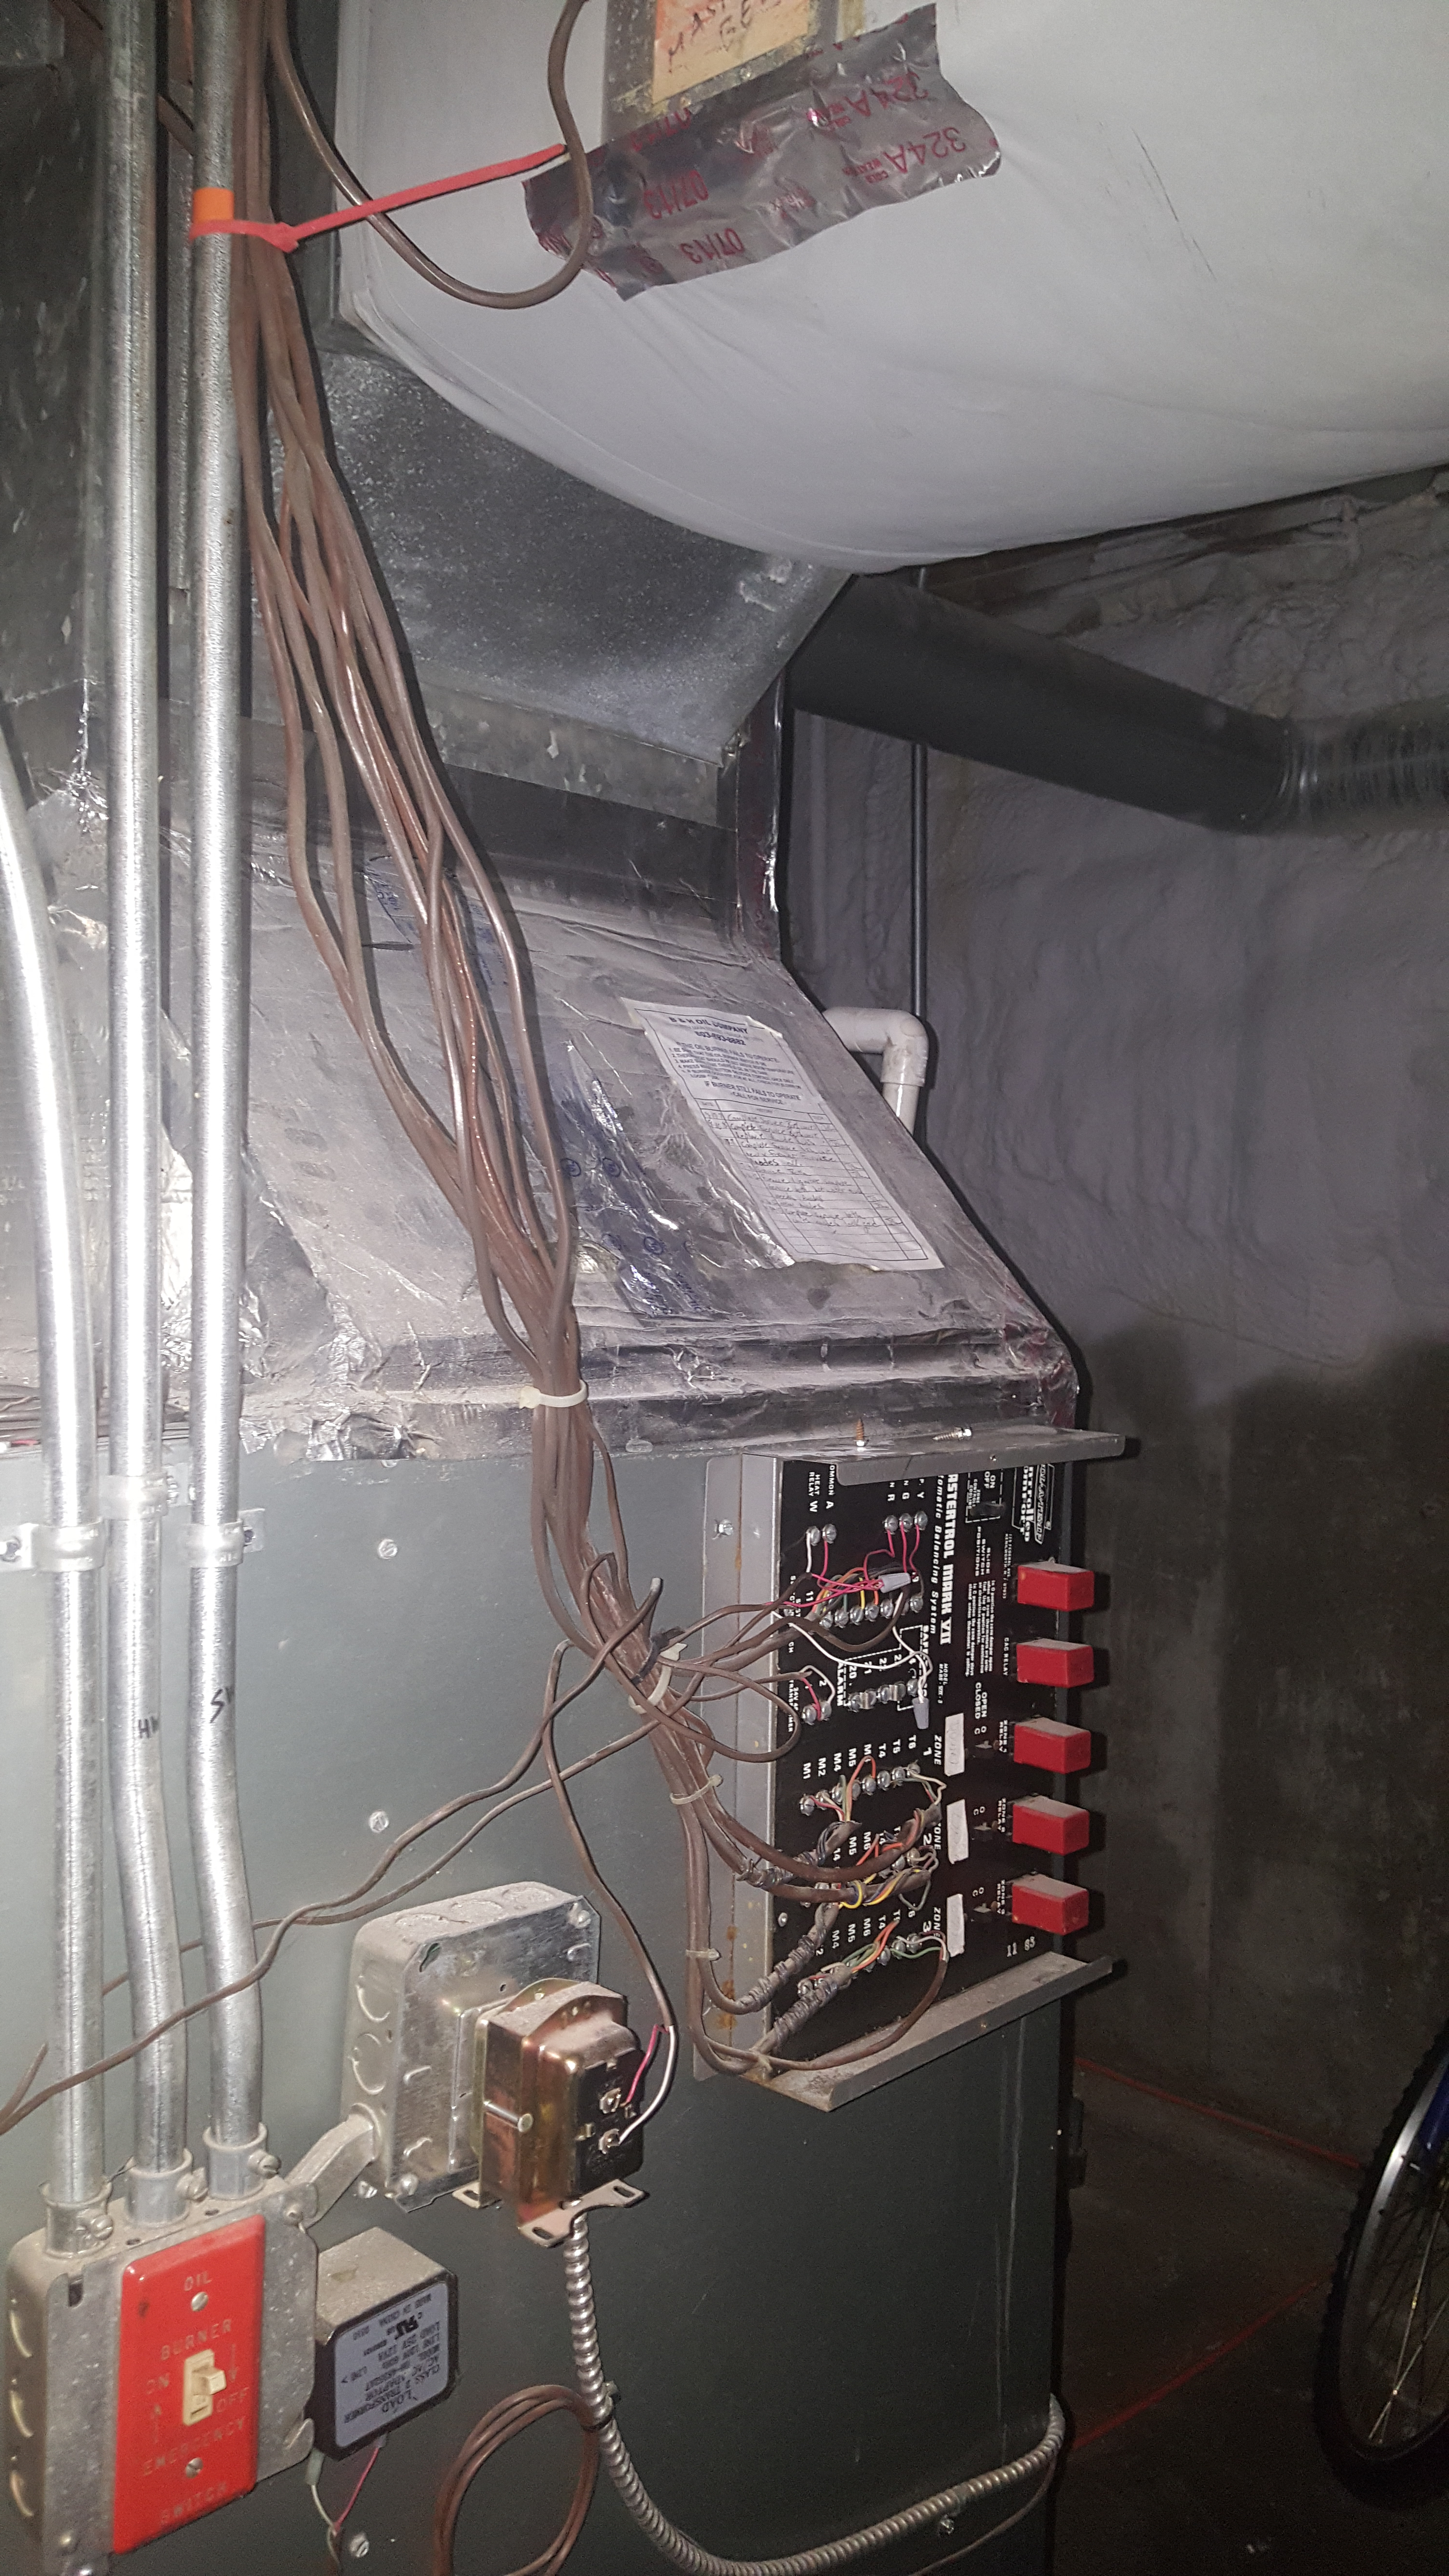 wiring honeywell hz311 from a trol a temp mastertrol mark vii rh forum heatinghelp com  trol a temp thermostat wiring diagram